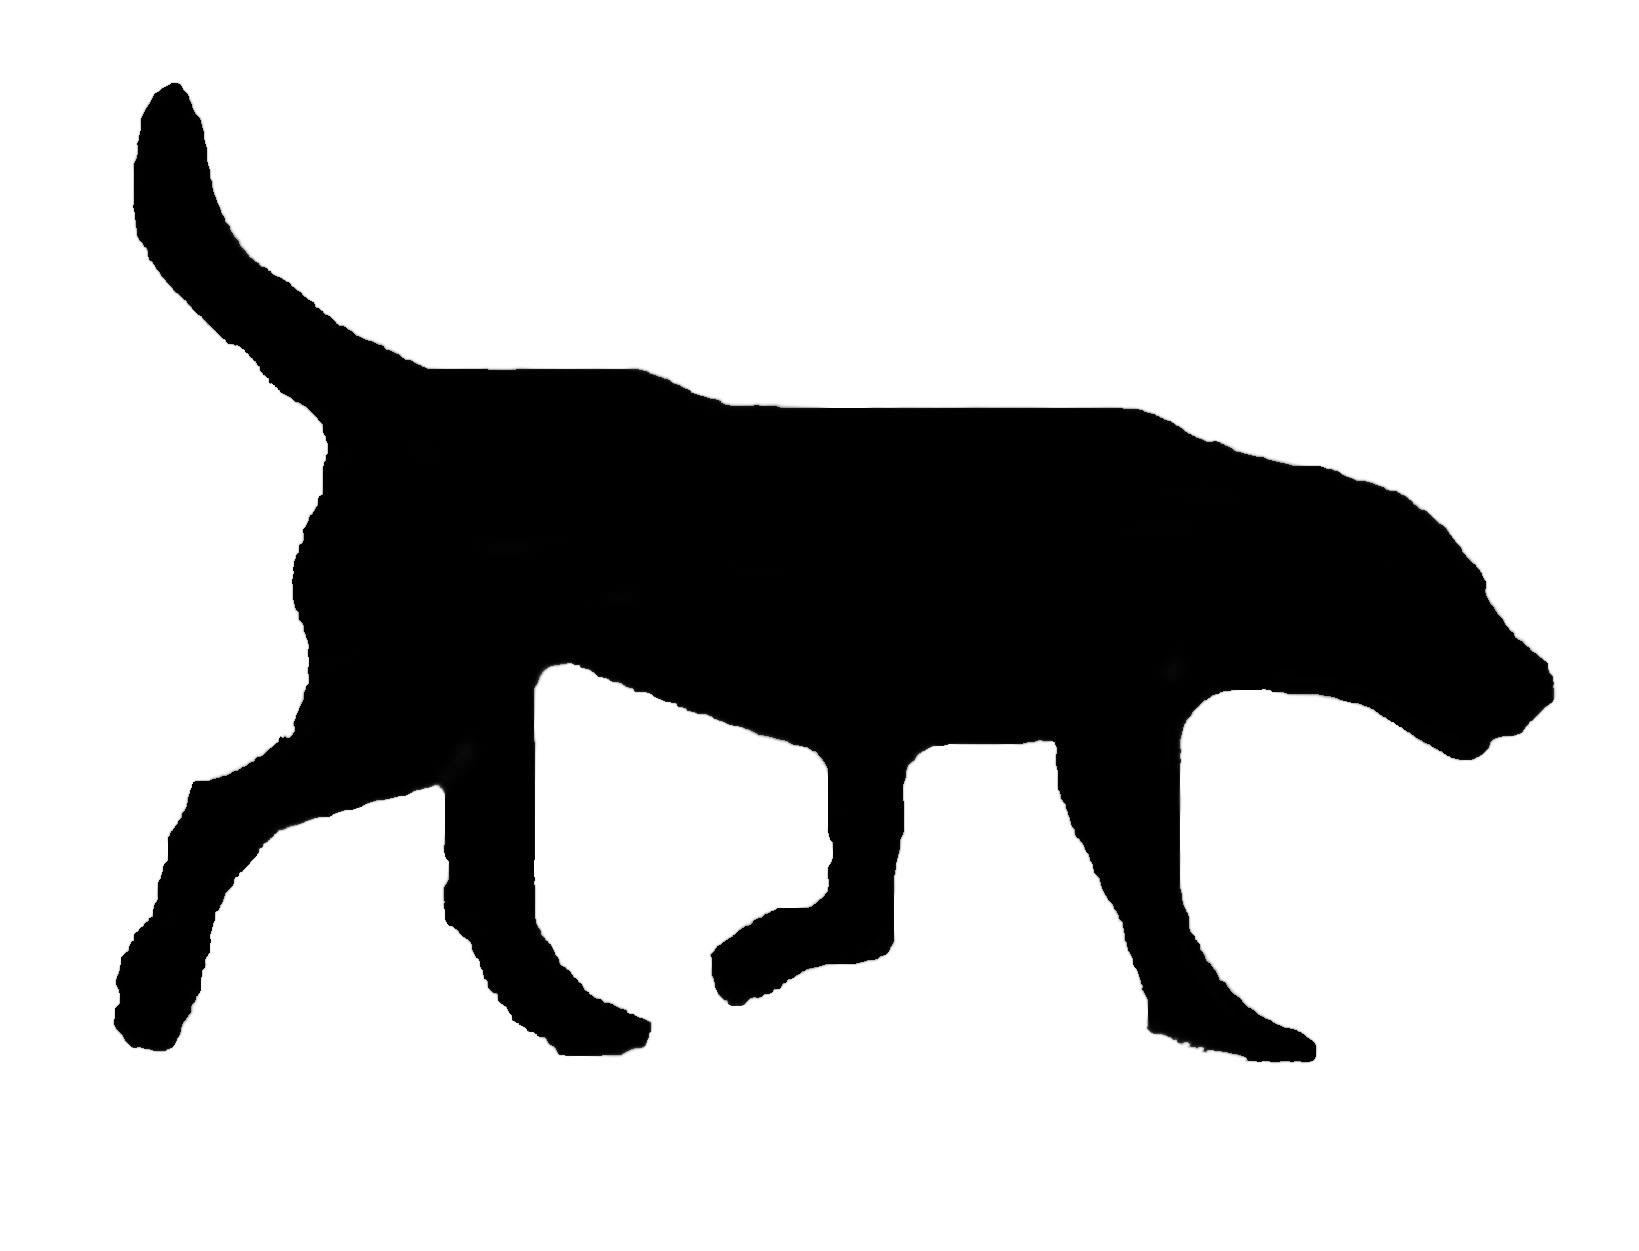 Ground Hog And Black Cat Photos